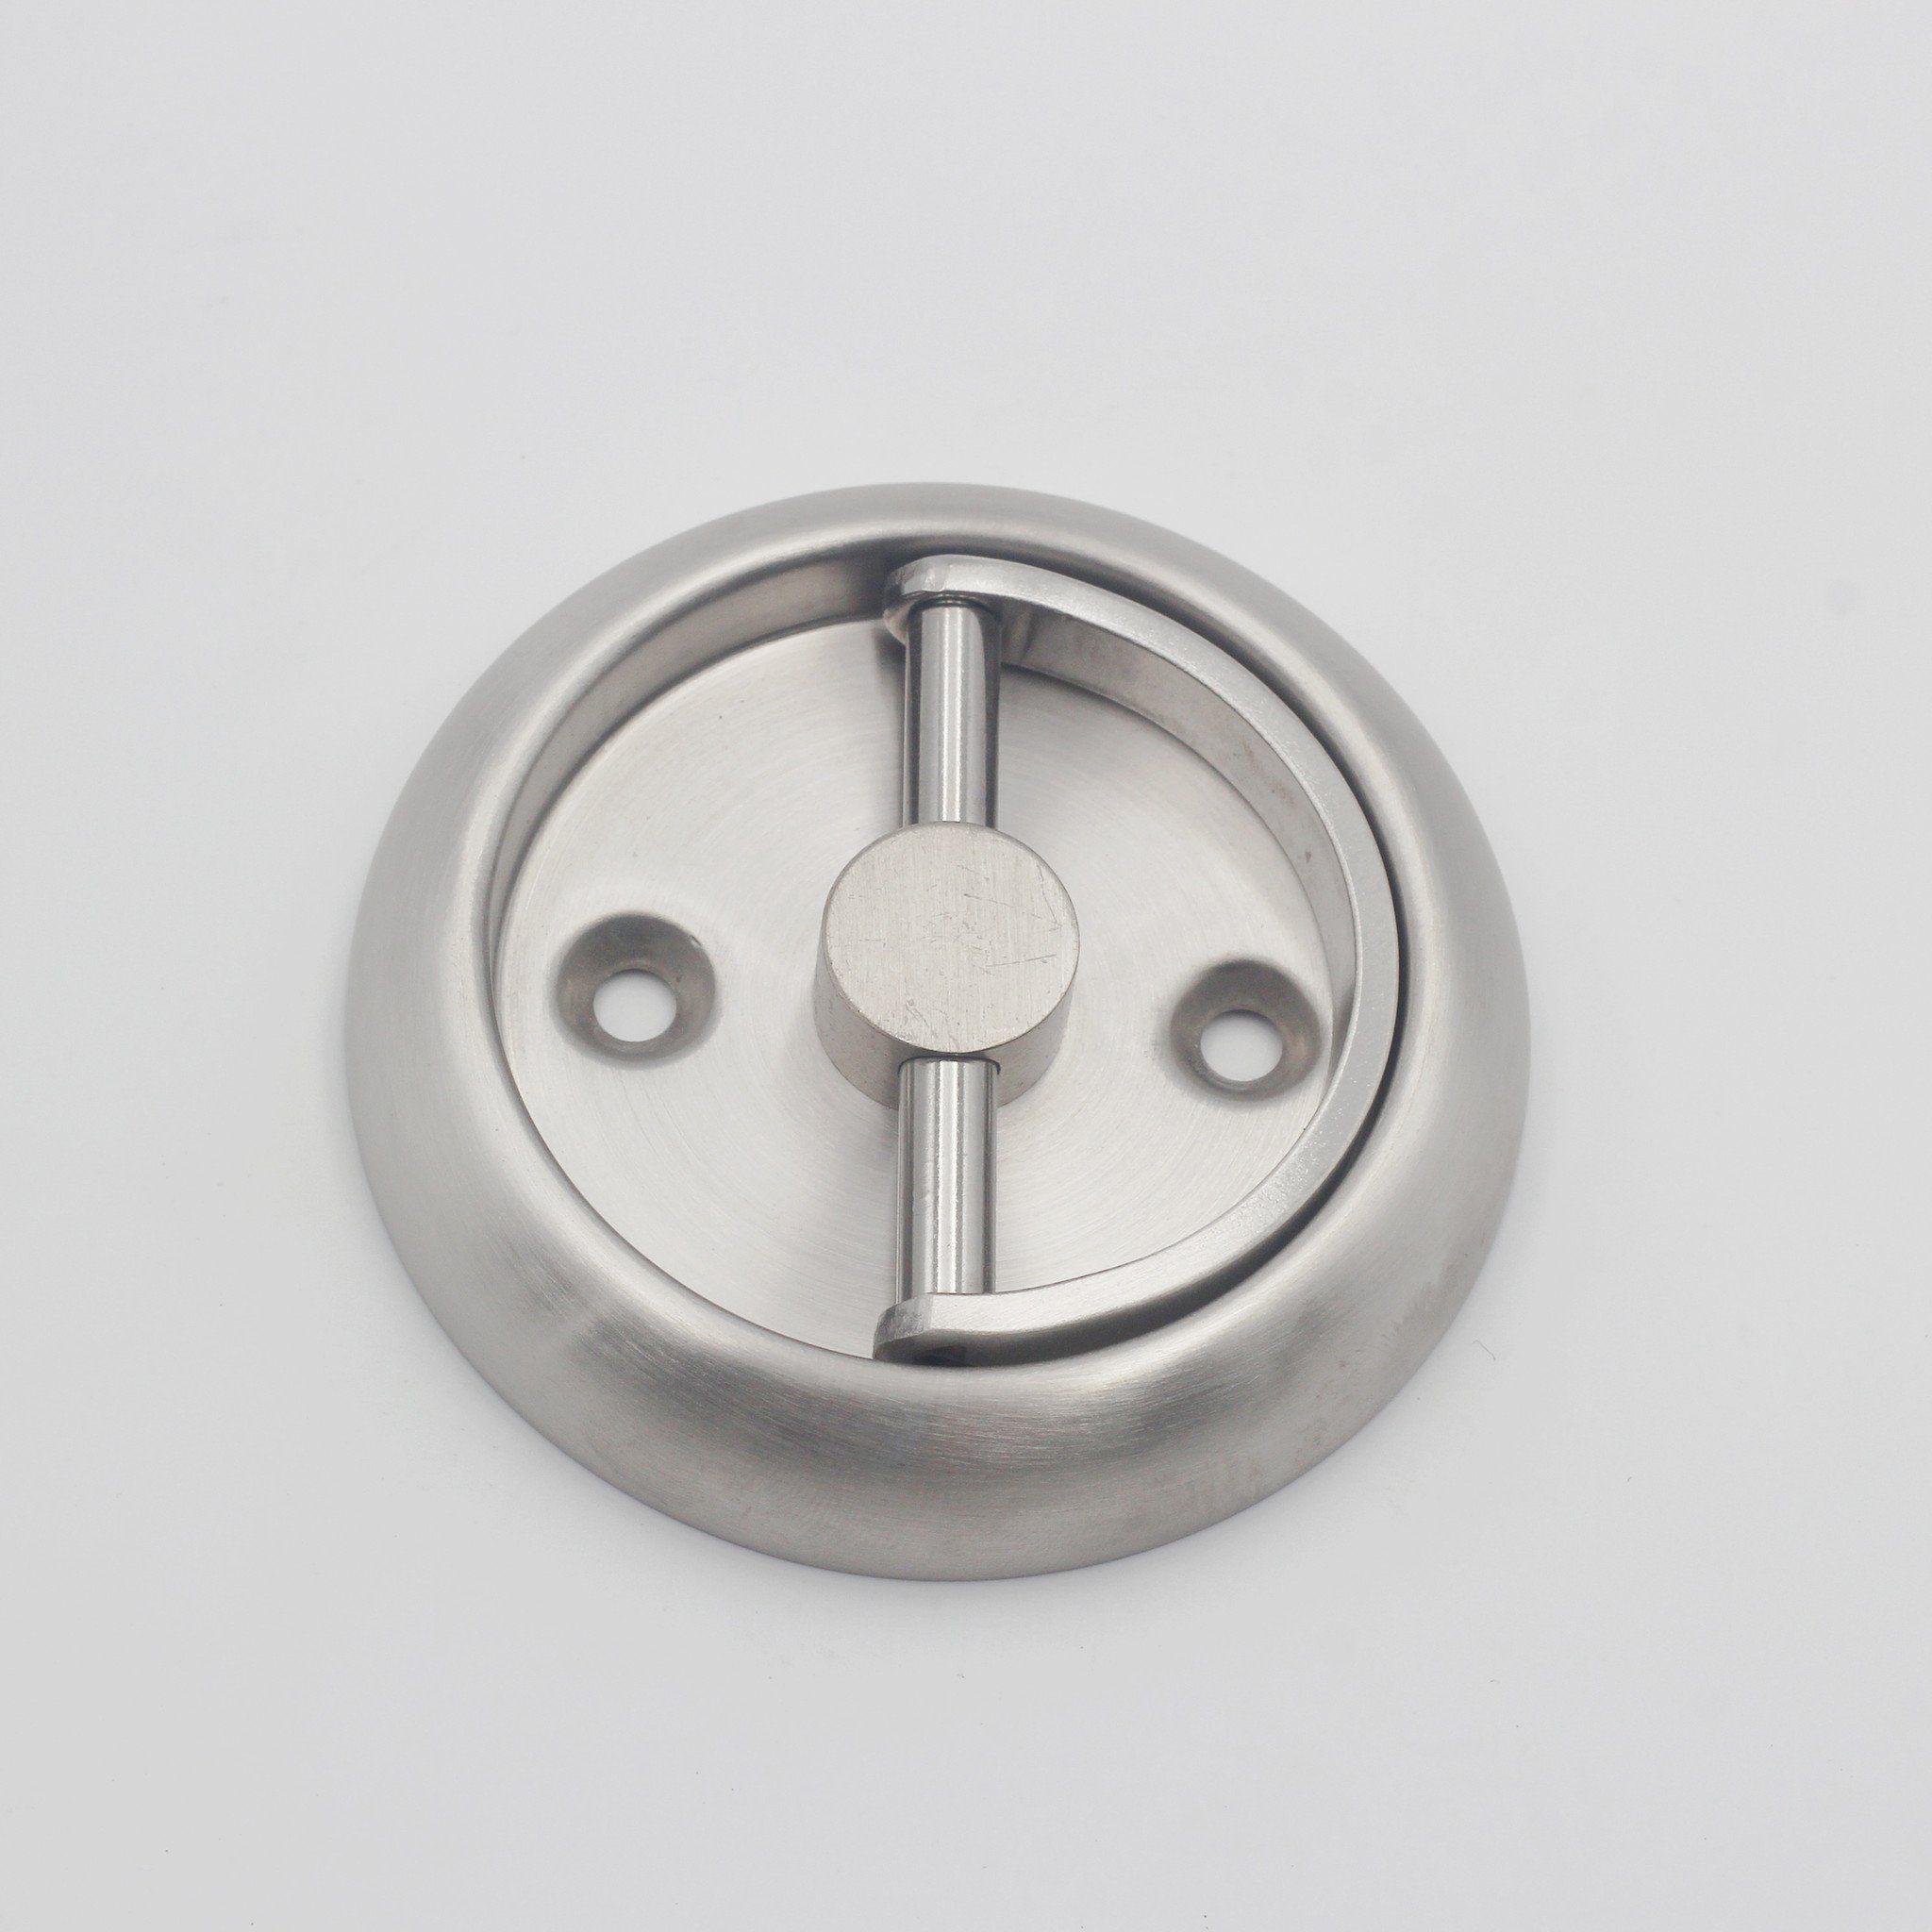 QT Round Recessed Door Handle/Deadbolt (No Key)(Standard